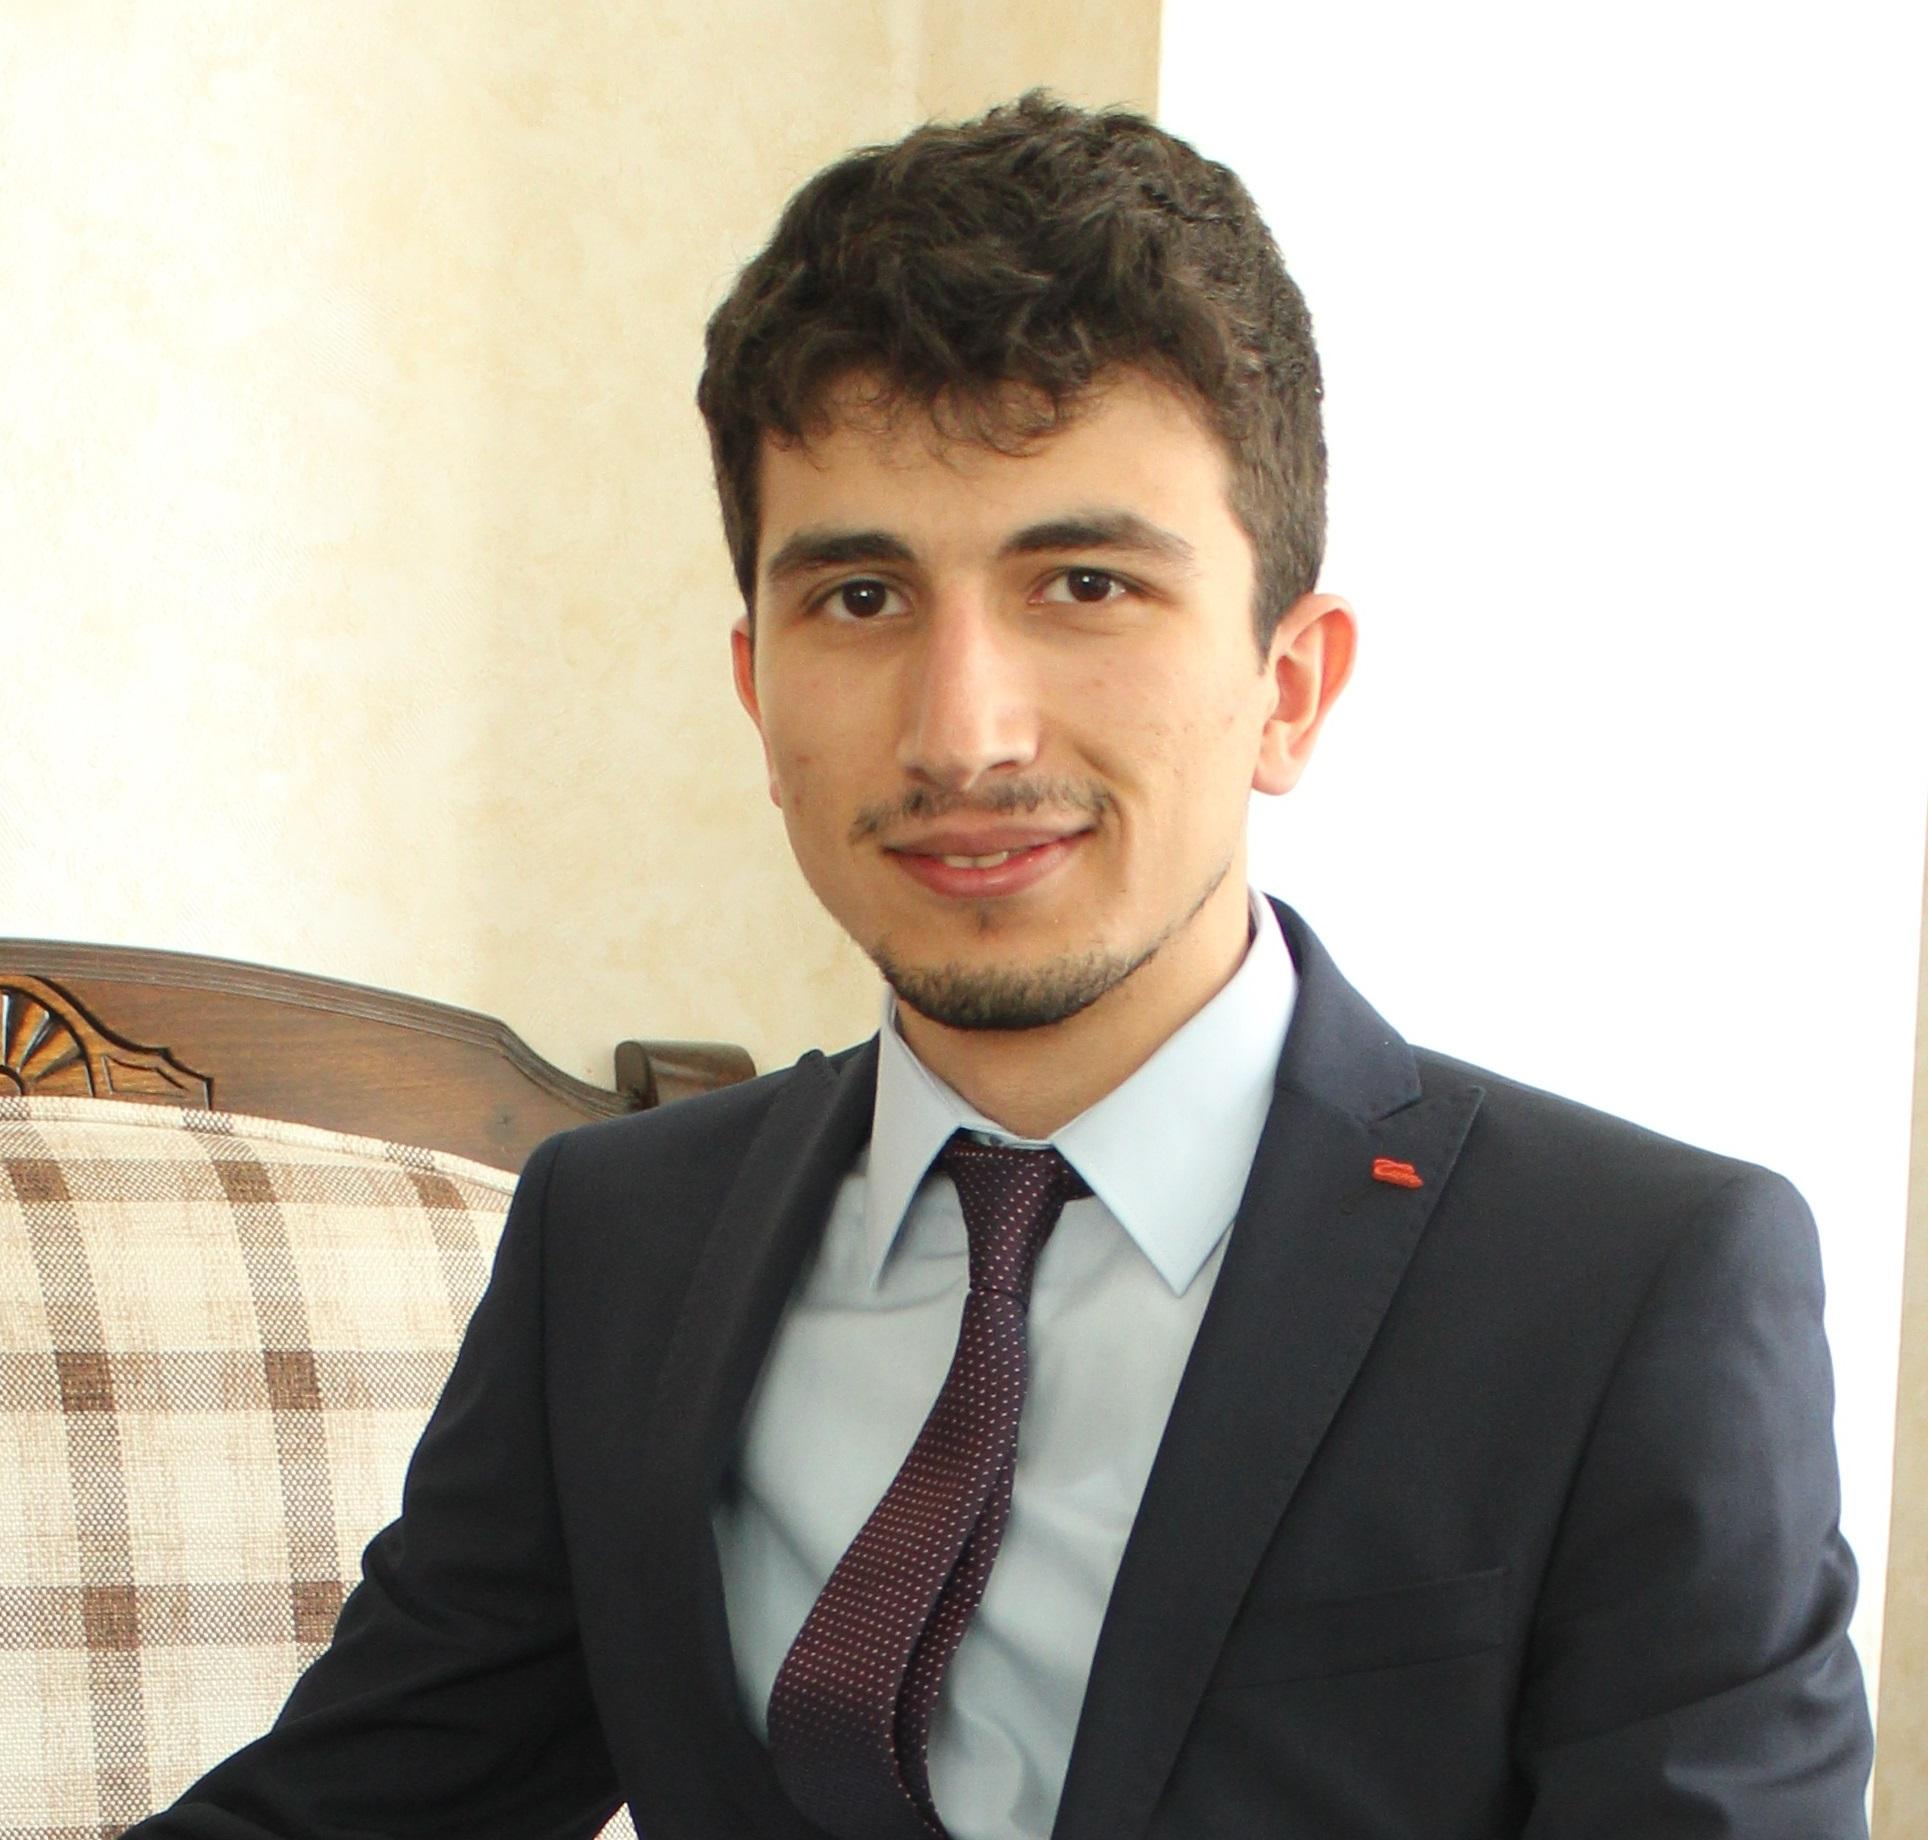 Dr. Recai Yilmaz